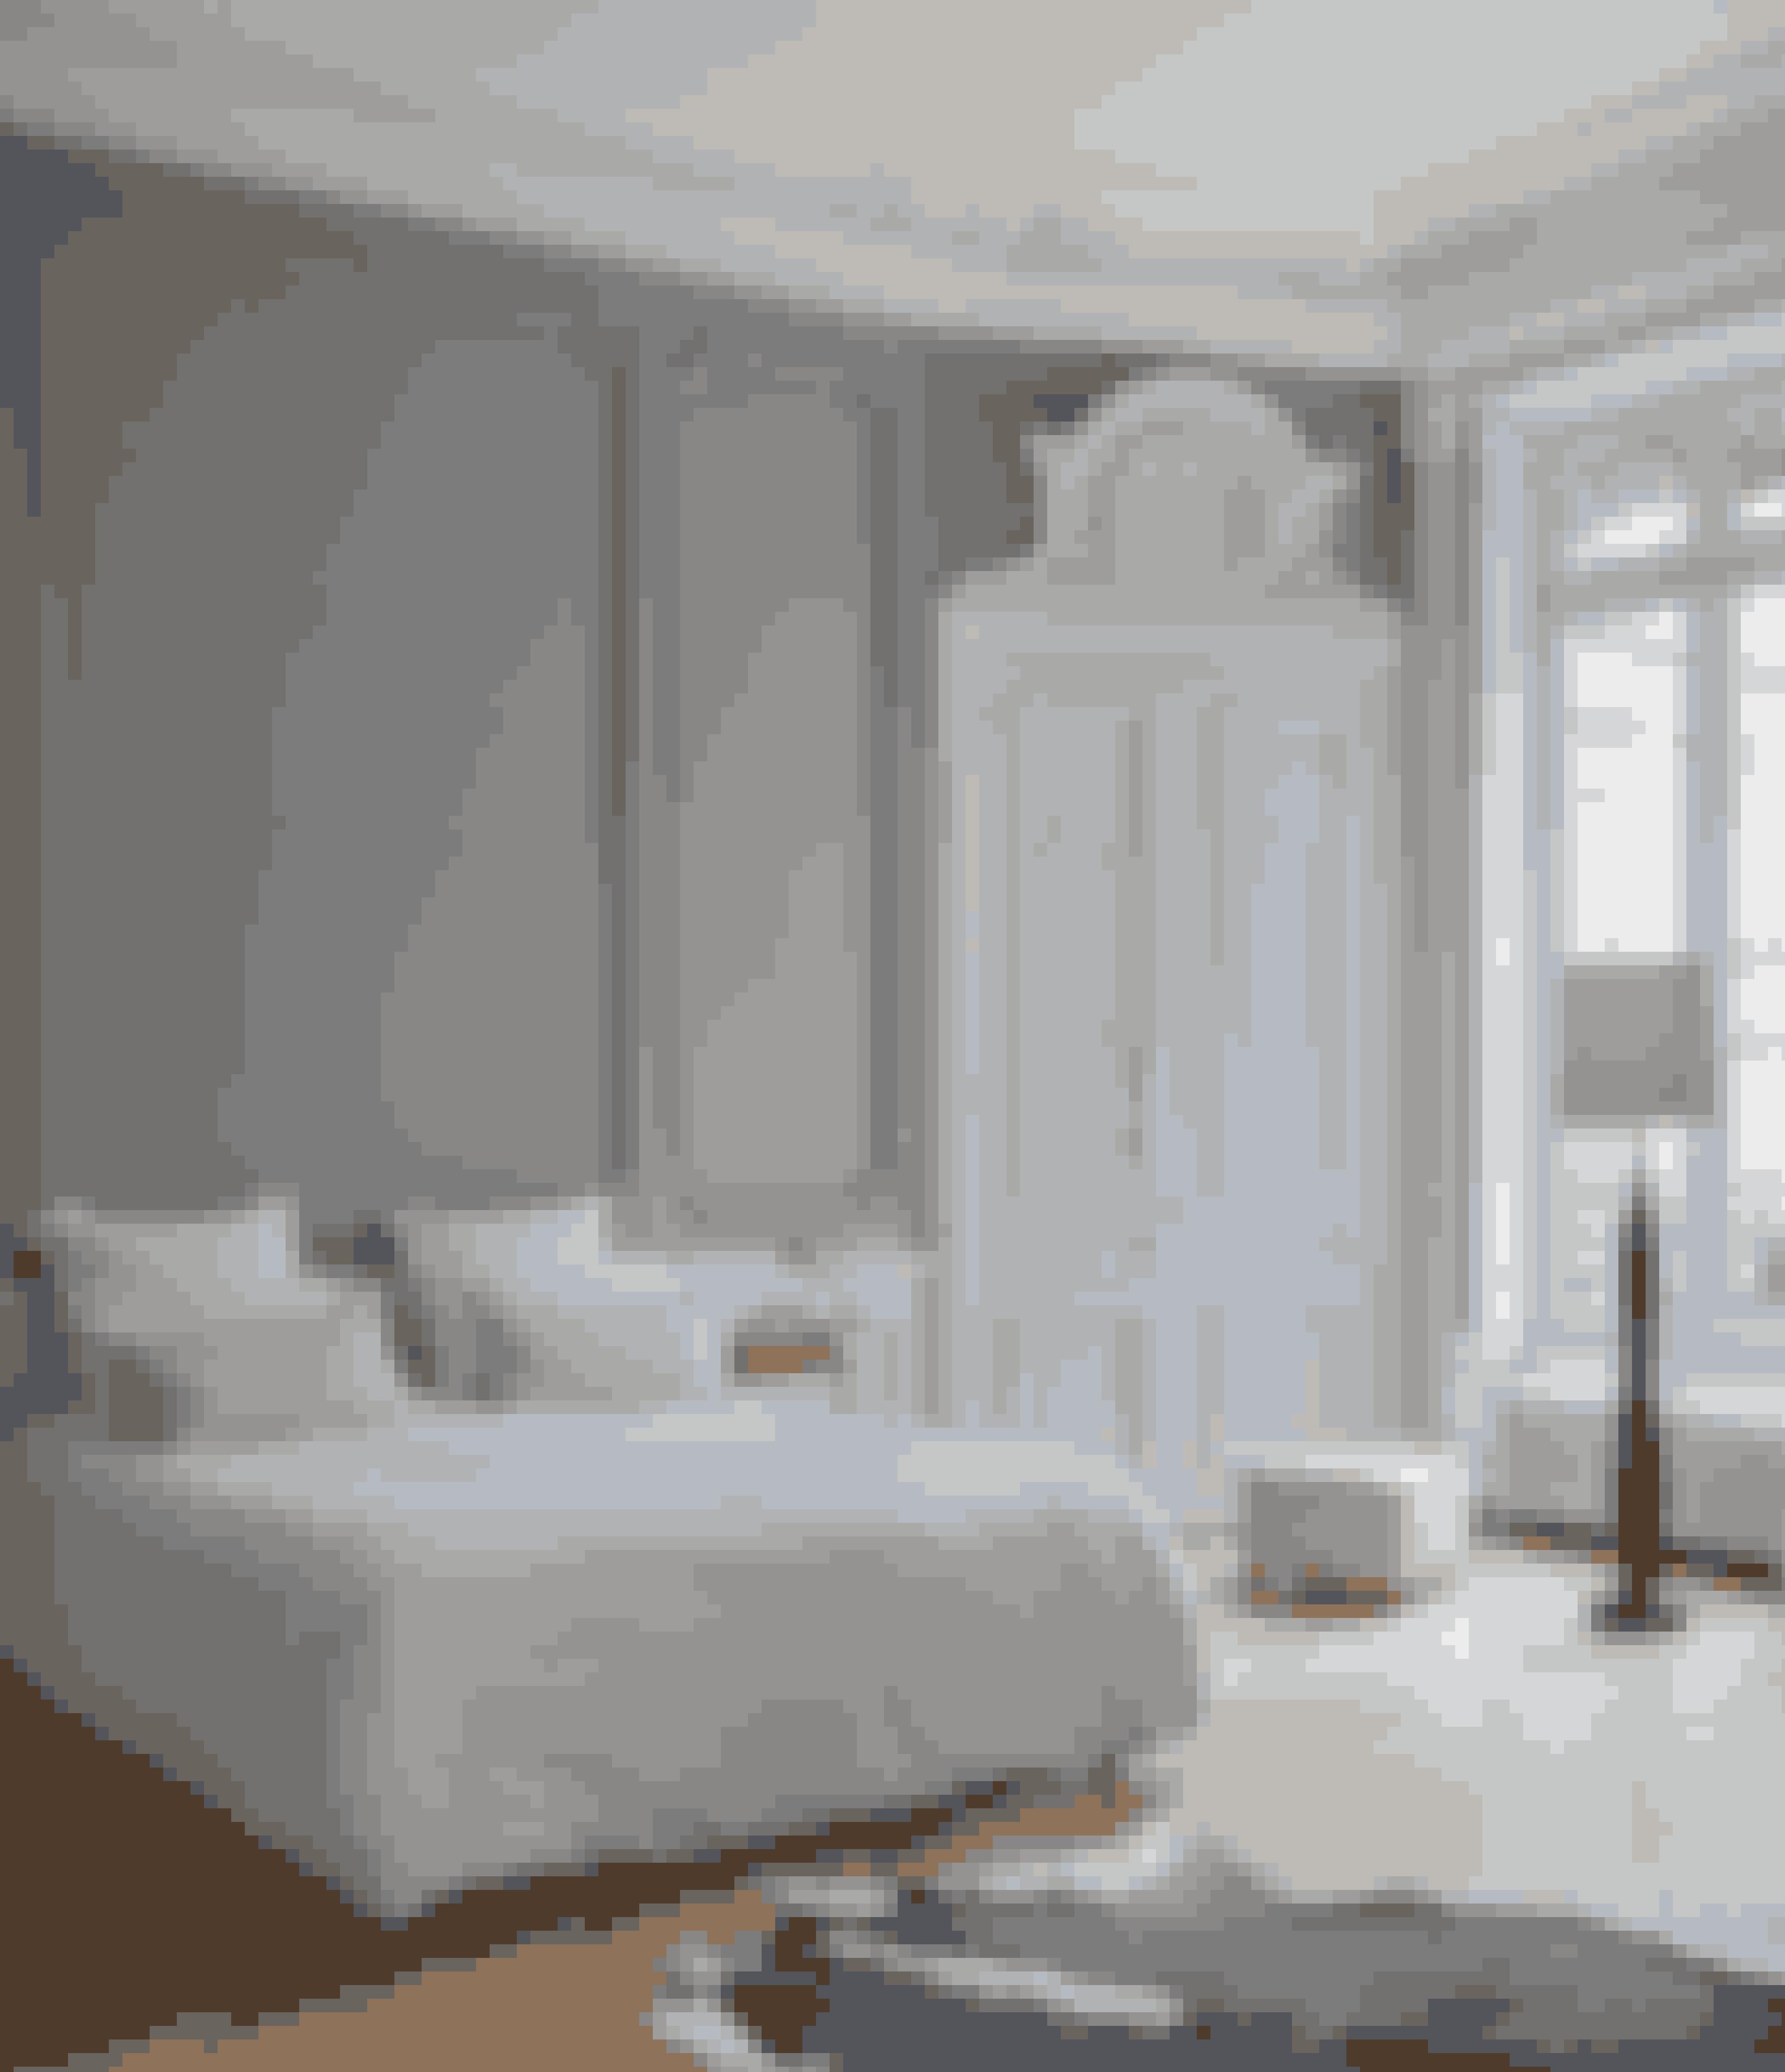 Med tanke på, hvor lang tid du bruger i sengen, giver det god mening at give den plads i stedet for at være forvist til husets mindste værelse. Dit soveværelse får et luksuriøst skær, når du har godt med luft i rummet, og måske kan du bruge en del af det til hyggelig læsekrog eller andre funktioner, der normalt er indrettet i stuen.